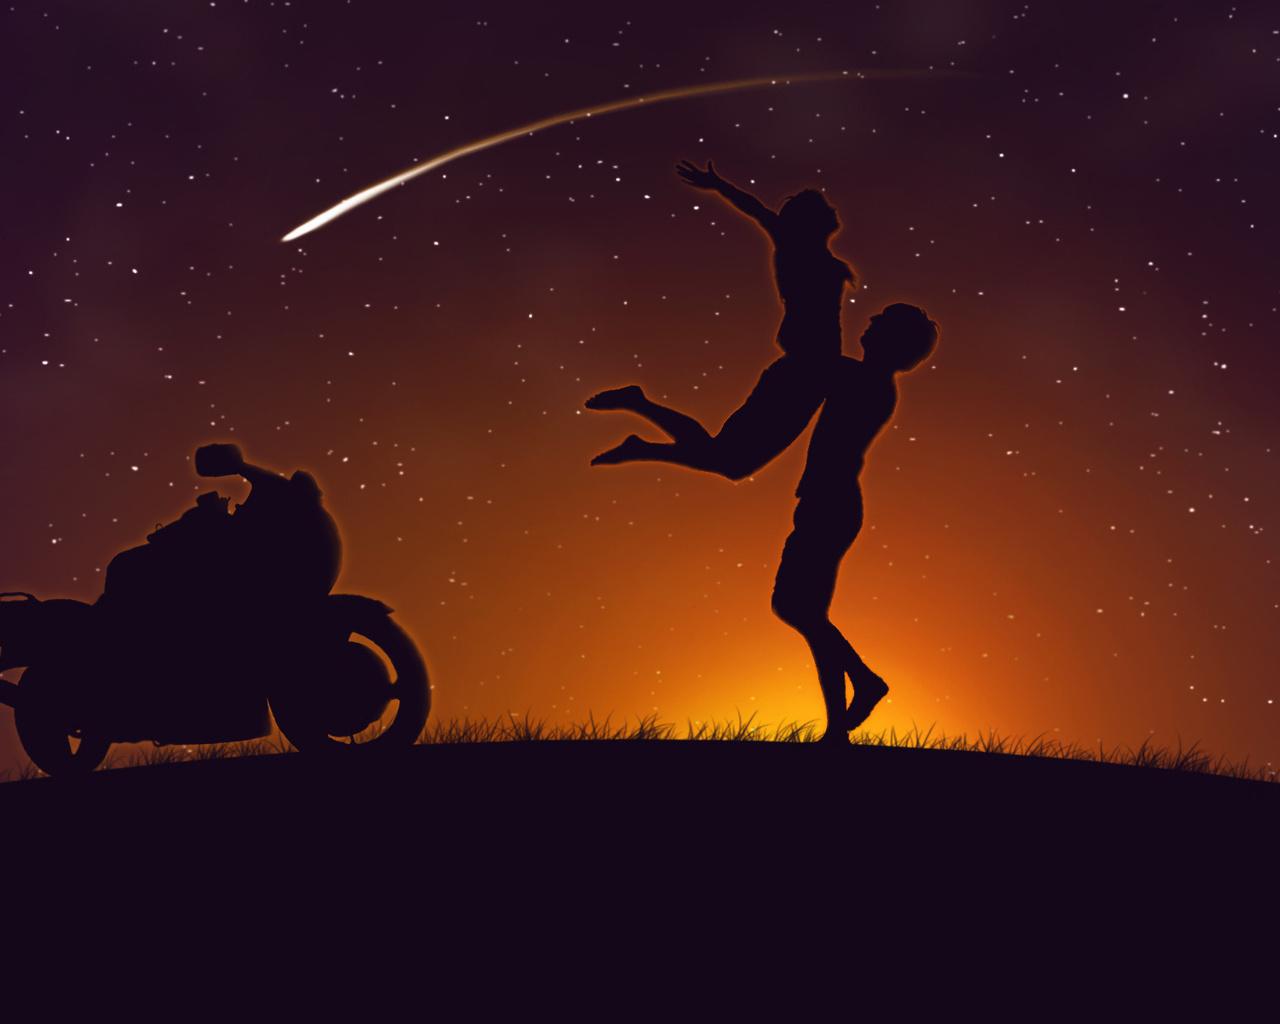 Двое, любовь, мотоцикл, kawasakizzr400, комета, романтика, нежность, чувства, влюбленные, пара, страсть, любовь, свидание, встреча, мужчины, женщины